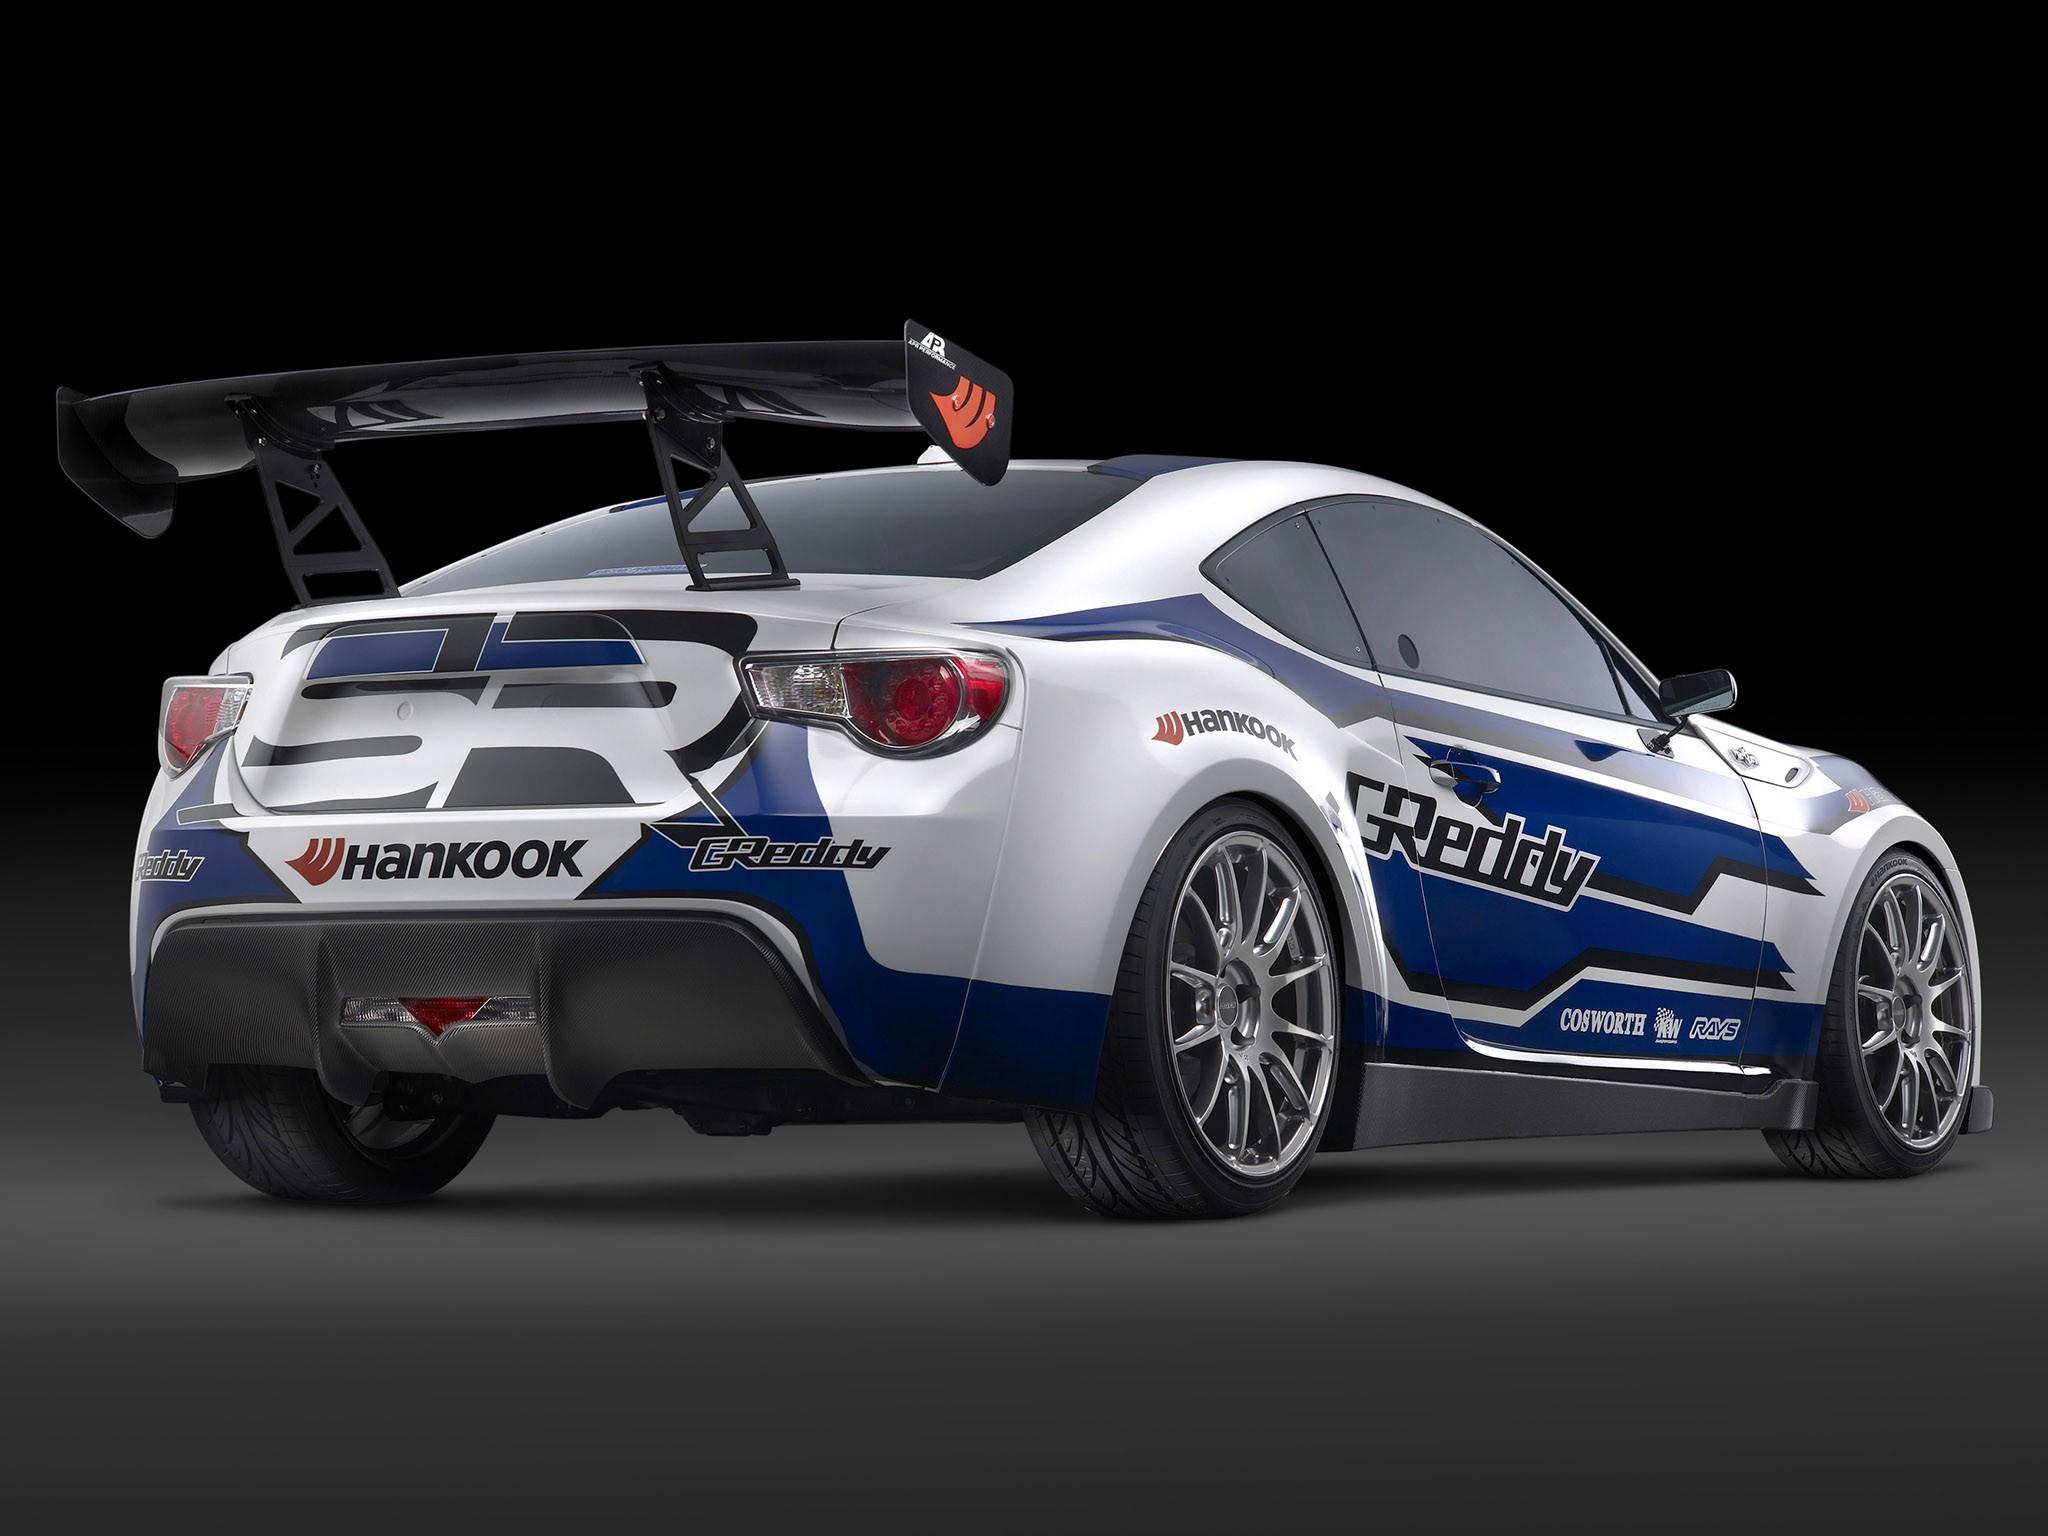 2012 Scion FR-S Race car